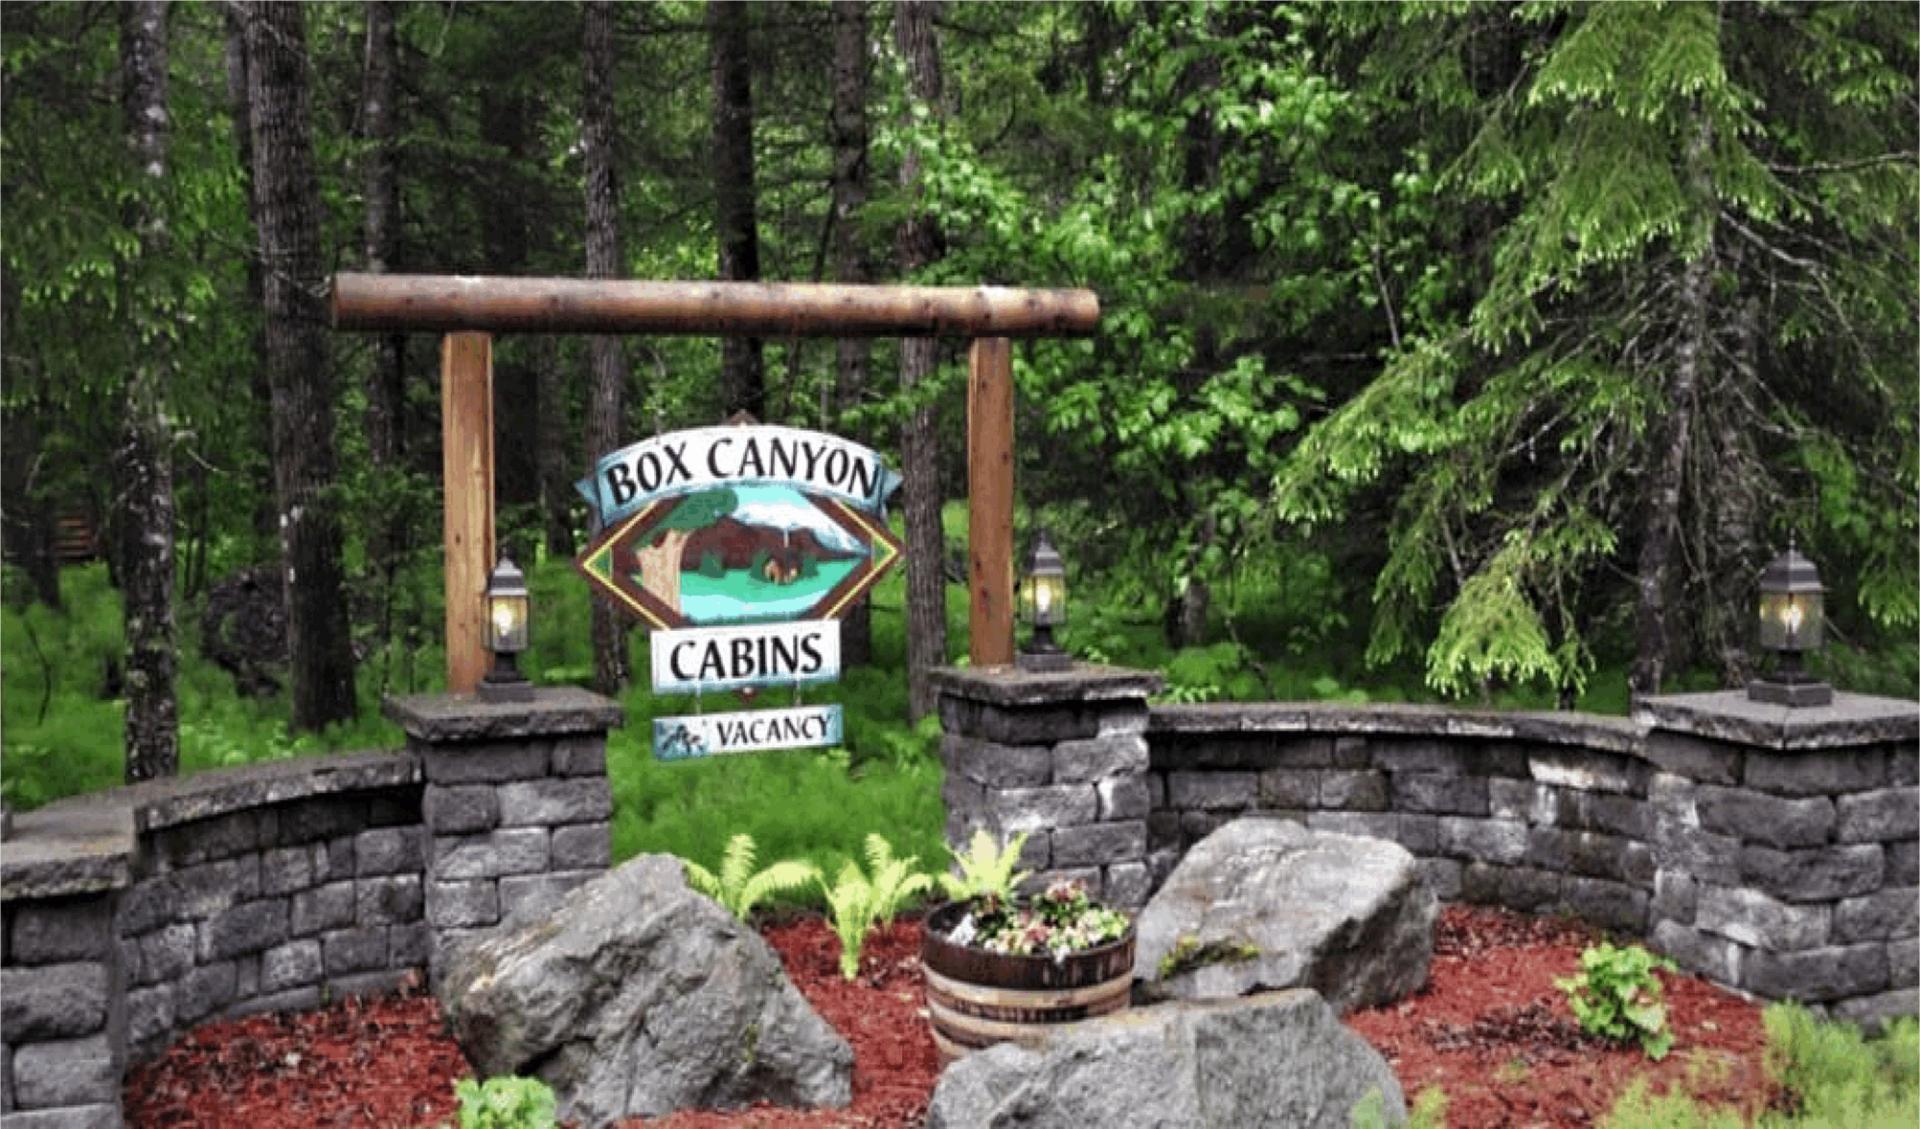 Fisherman's Cabin - Box Canyon Cabins